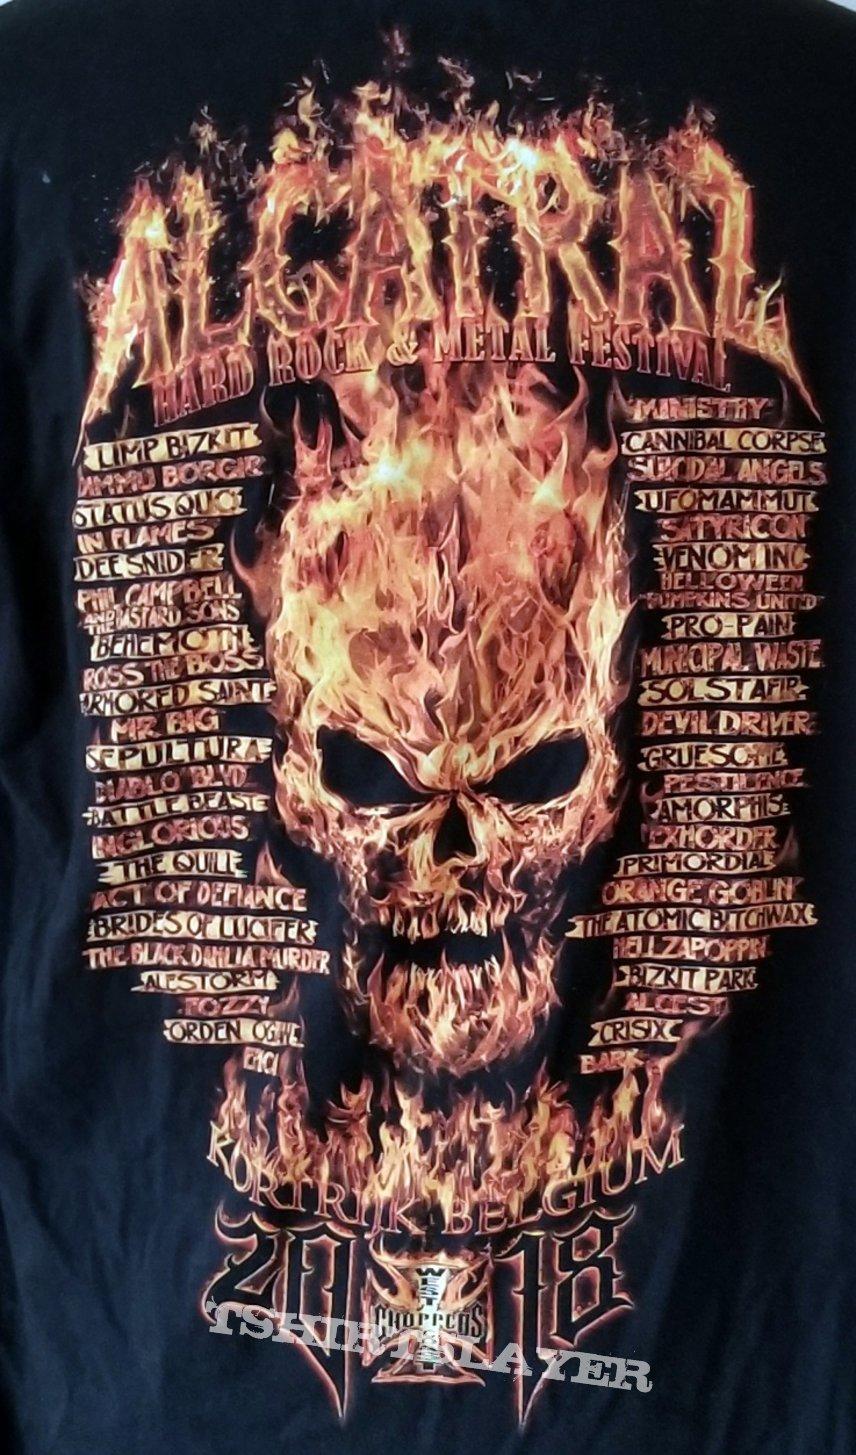 ALCATRAZ FESTIVAL 2018 Concert Shirt Belgium - M - Venom Inc, Sepultura, Helloween